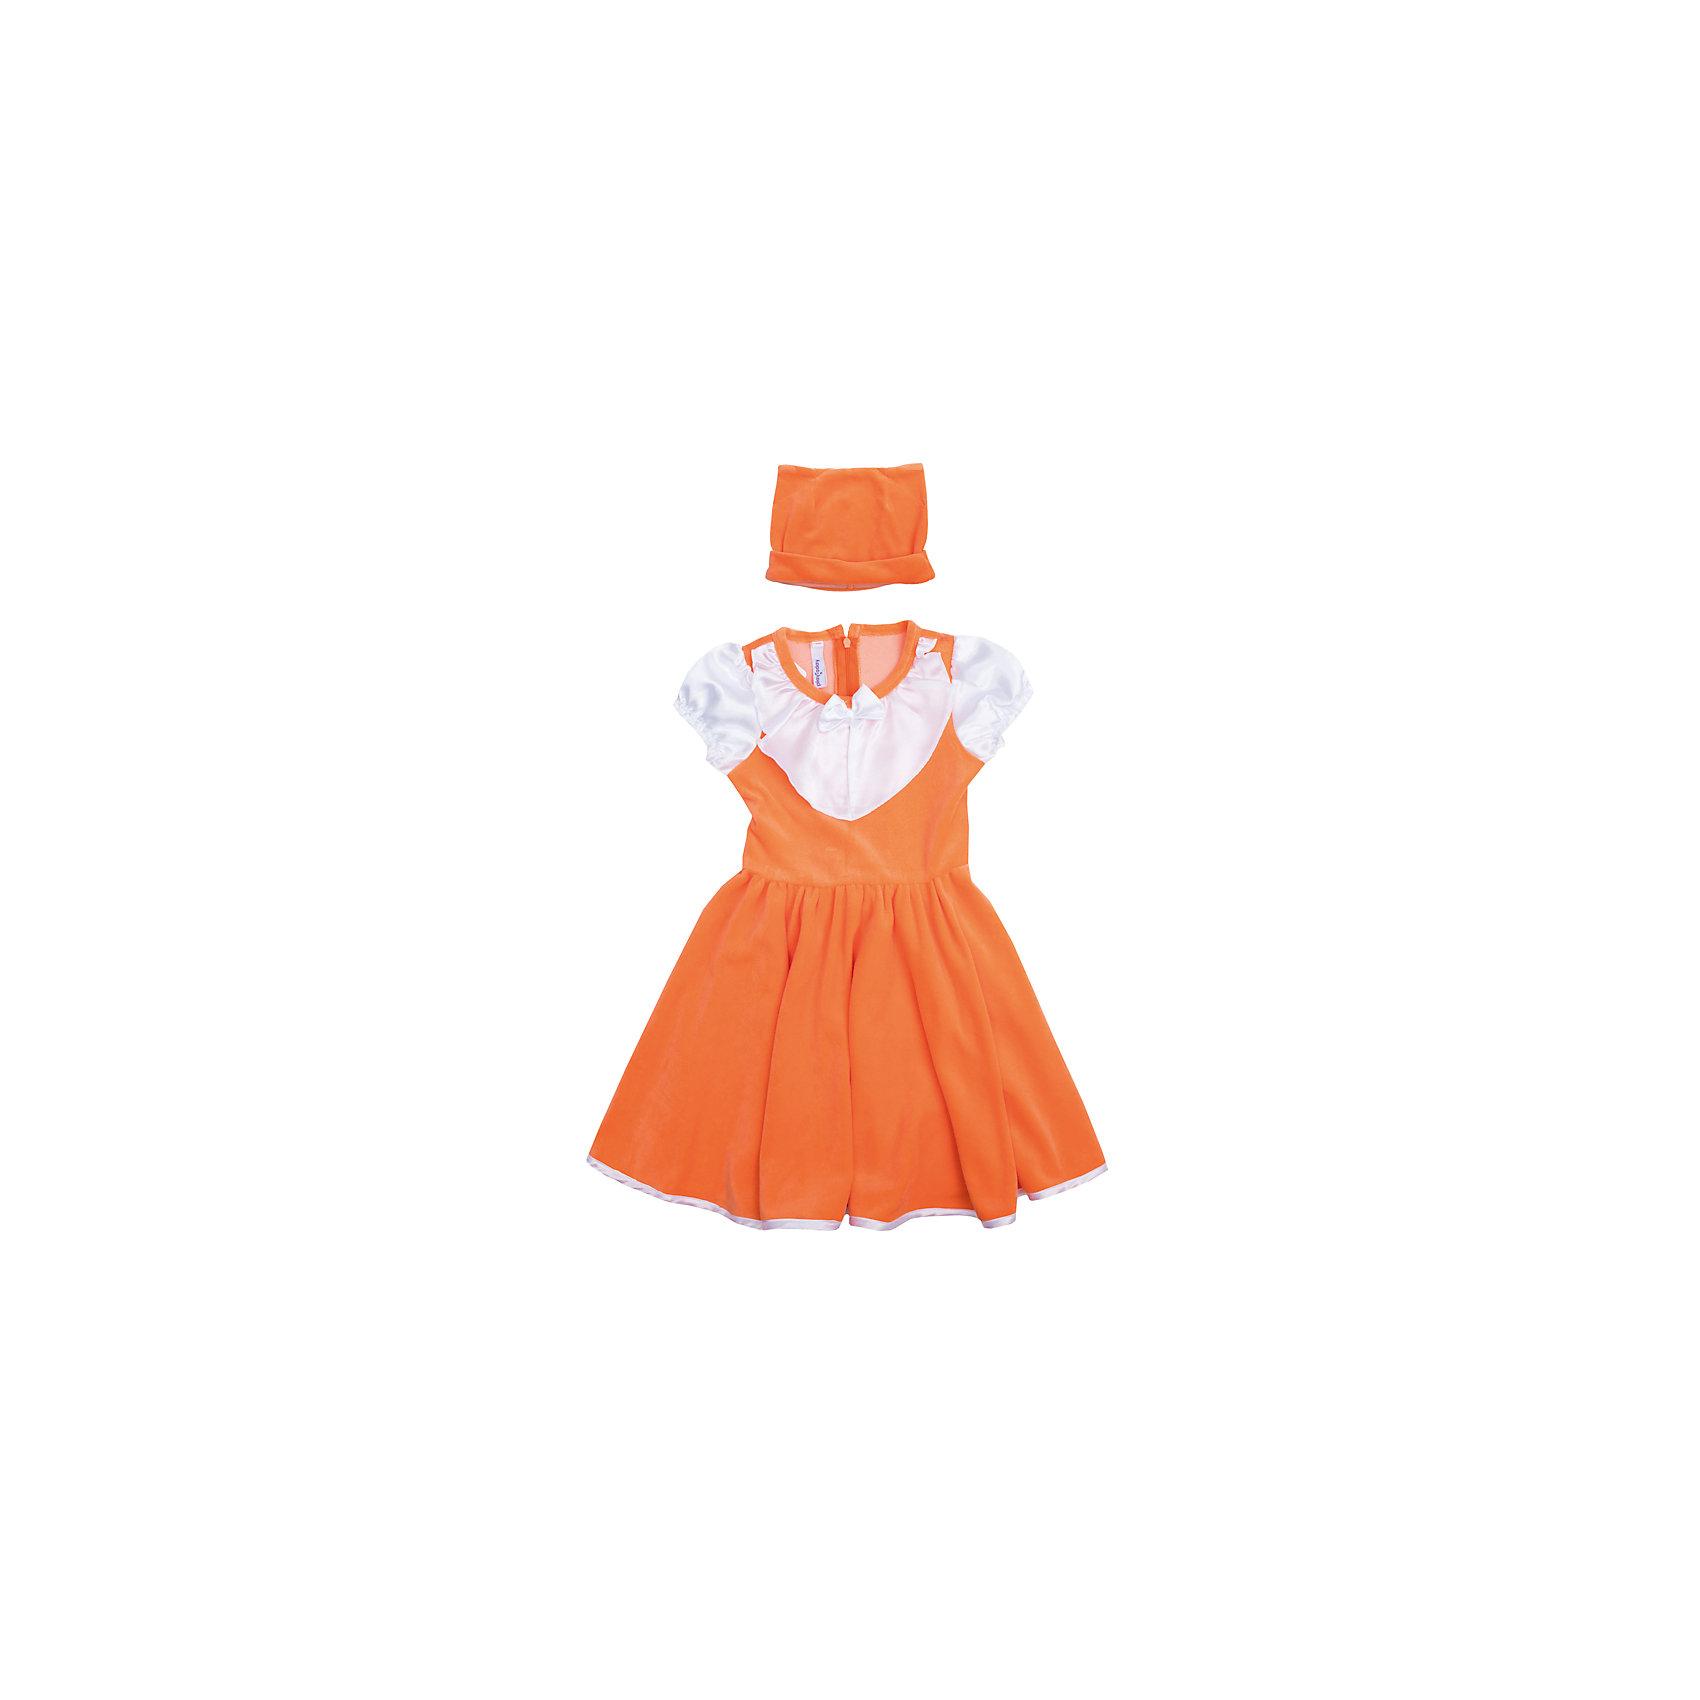 Нарядное платье для девочки PlayTodayКарнавальные костюмы и аксессуары<br>Платье для девочки от известного бренда PlayToday.<br>Платье с короткими рукавами.<br><br>Выполнено из нежного велюра. Полноценный костюм лисички, не уступающий в удобстве базовым хлопковым платьям. Контрастная сатиновая отделка рукавов и воротника создает эффект многослойности. Сзади пояс, чтобы завязать бант. Застегивается на потайную молнию на спине. <br><br>Модель дополнена шапкой с декоративными ушками.<br>Состав:<br>80% хлопок, 20% полиэстер<br><br>Ширина мм: 236<br>Глубина мм: 16<br>Высота мм: 184<br>Вес г: 177<br>Цвет: оранжевый<br>Возраст от месяцев: 72<br>Возраст до месяцев: 84<br>Пол: Женский<br>Возраст: Детский<br>Размер: 122,104,128,110,116,98<br>SKU: 5113891